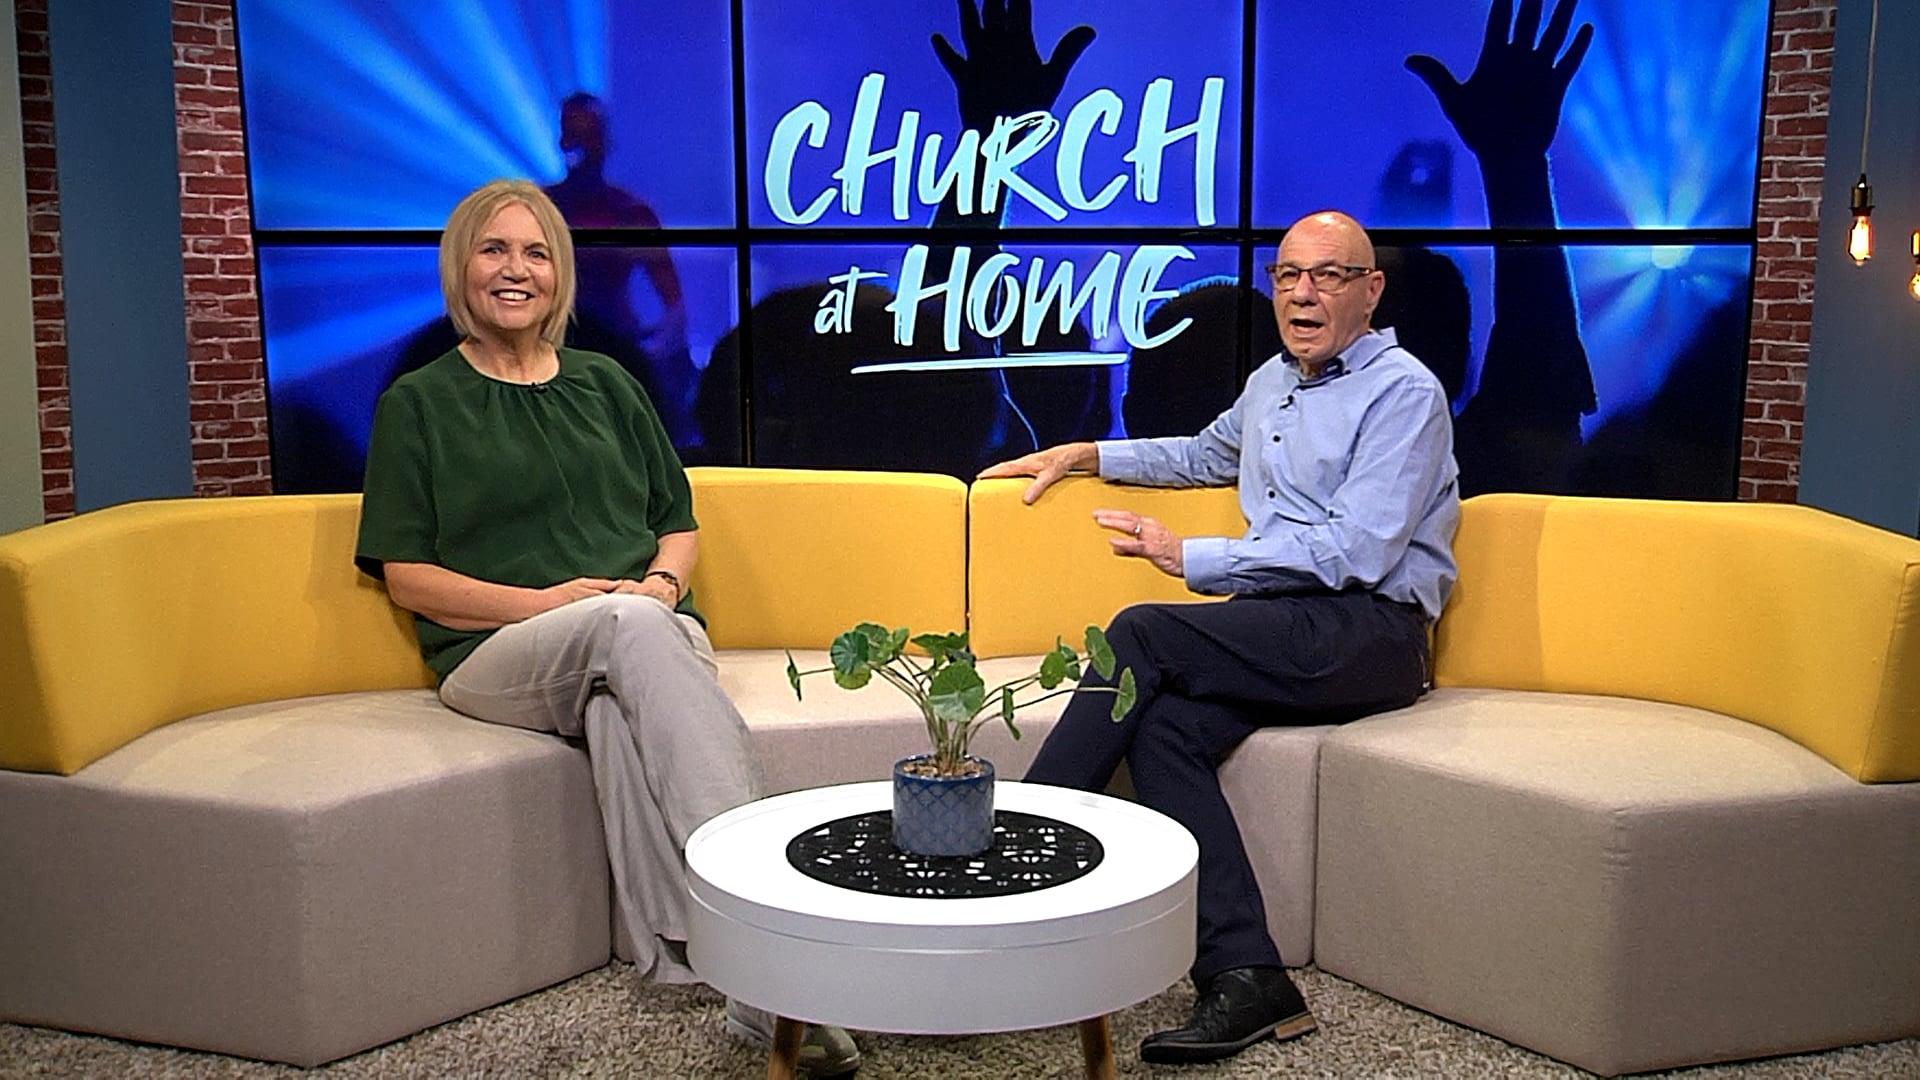 8. Church At Home - 10 October 2021